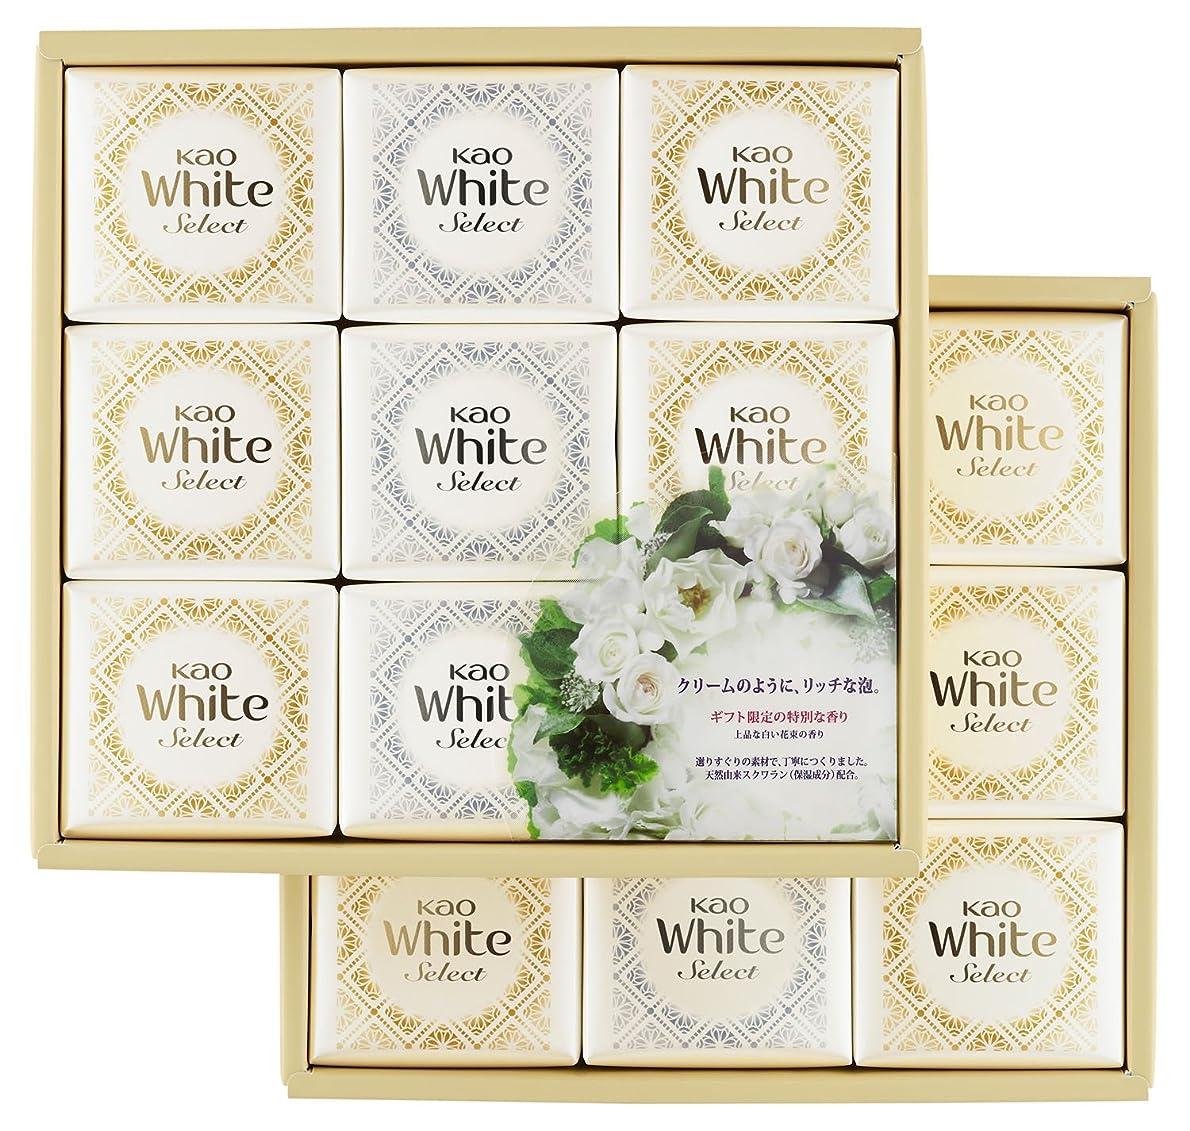 全滅させる日曜日羊の花王ホワイト セレクト 上品な白い花束の香り 85g 18コ K?WS-30